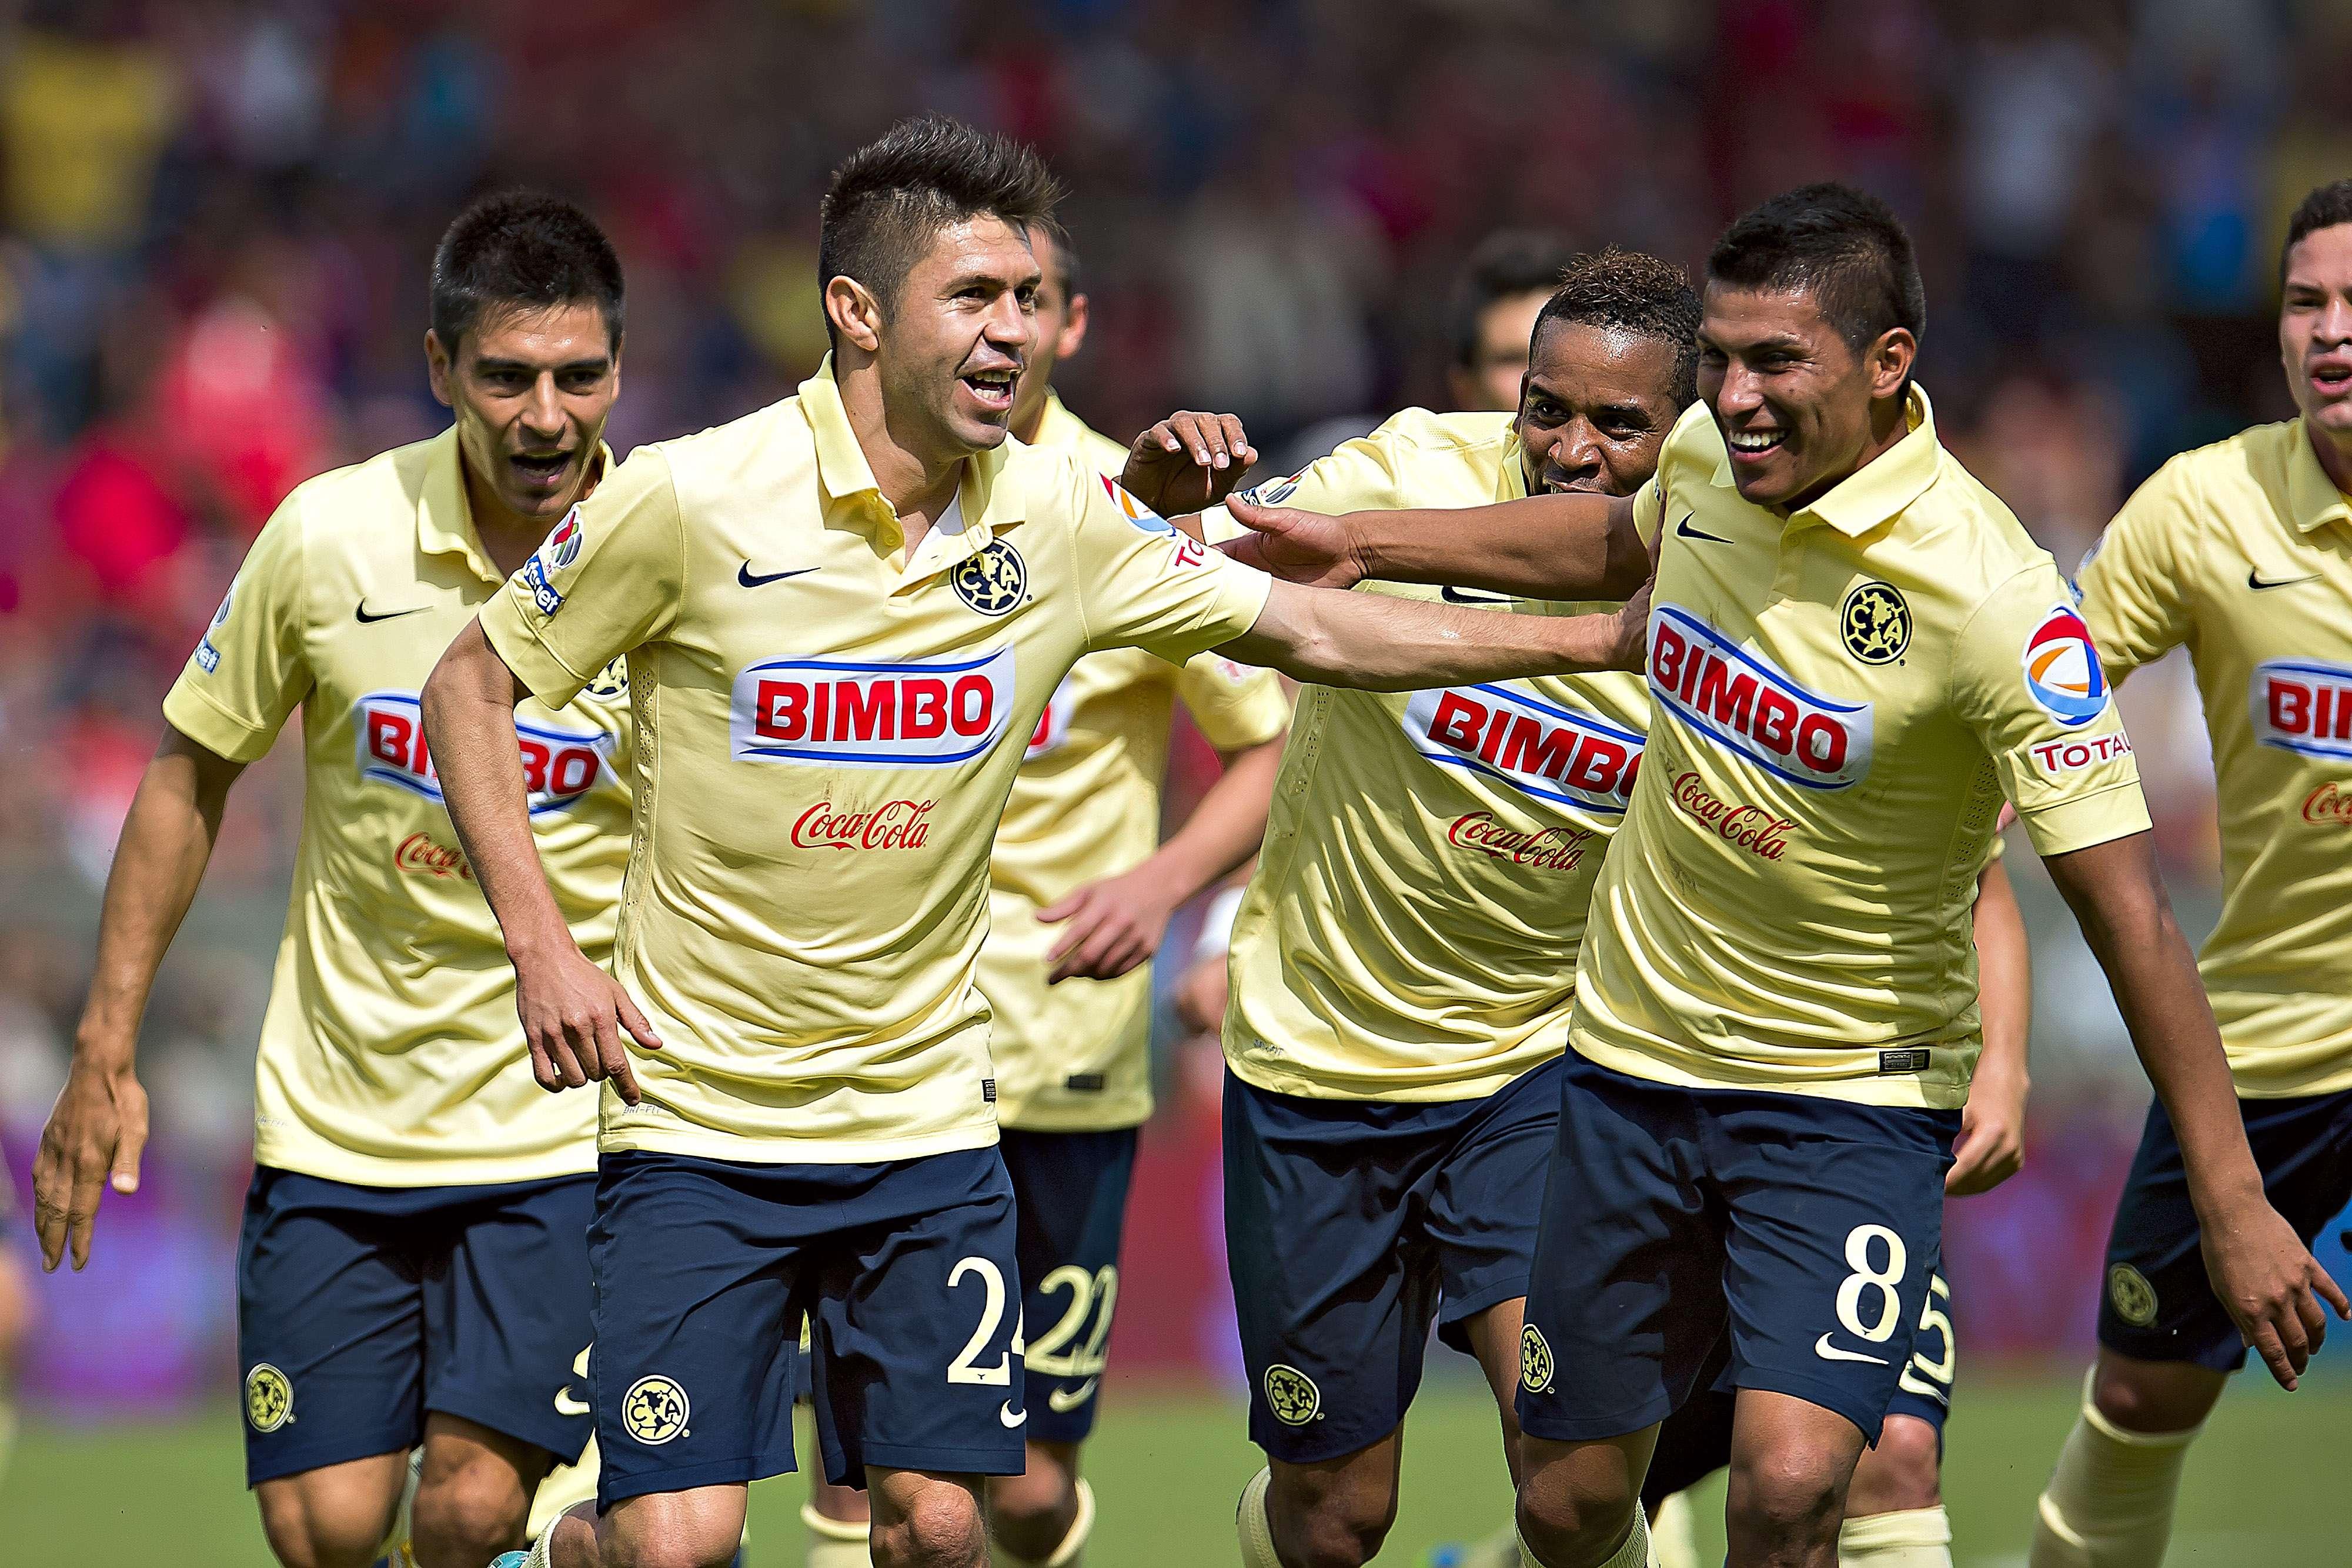 América buscará asegurar el liderato general de la competencia Foto: Mexsport